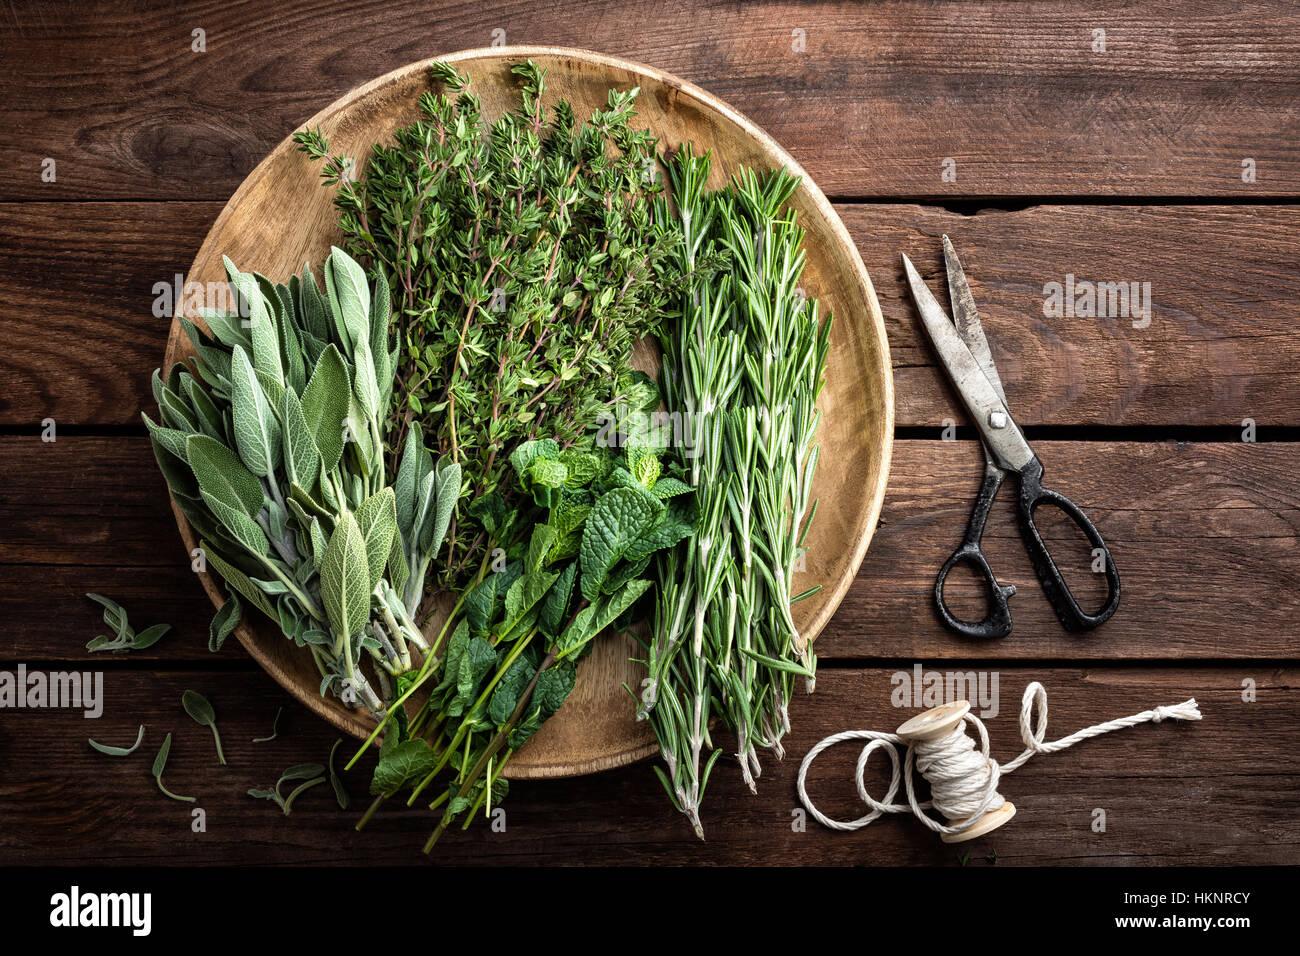 Varie erbe fresche, rosmarino, timo, menta e salvia su sfondo di legno Immagini Stock